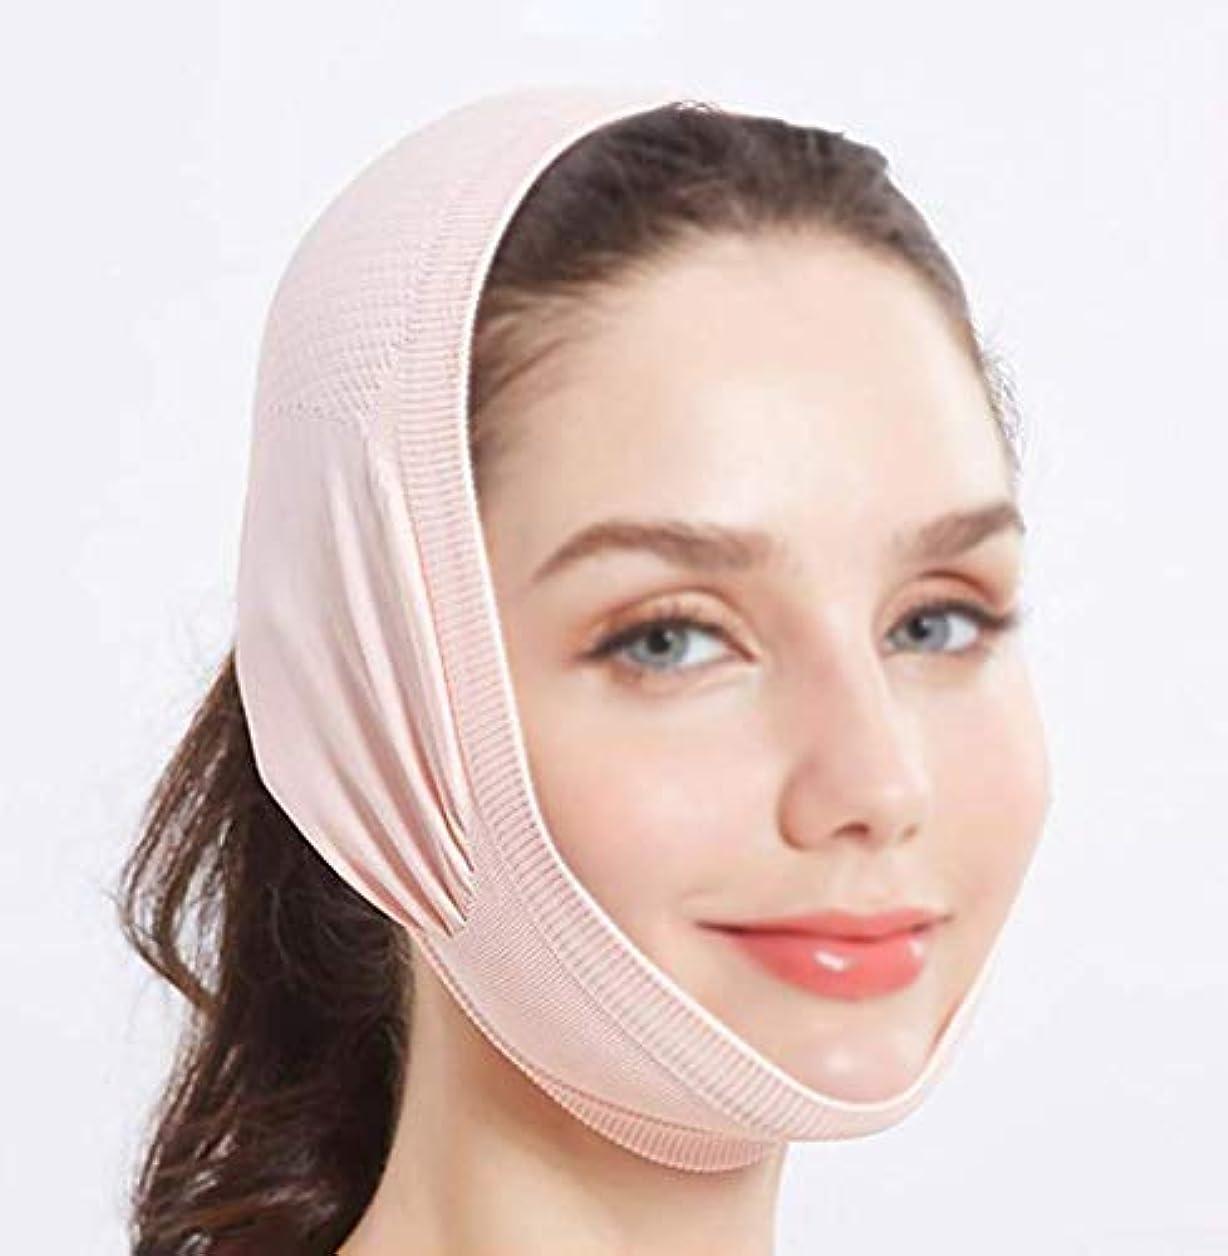 受付エンティティ電圧美容と実用的なフェイスリフトマスク、フェイシャルマスクエクステンション強度フェイスレスバンデージバンディオンフェイスラージVラインカービングフェイスバックカバーネックストラップ(色:ピンク)